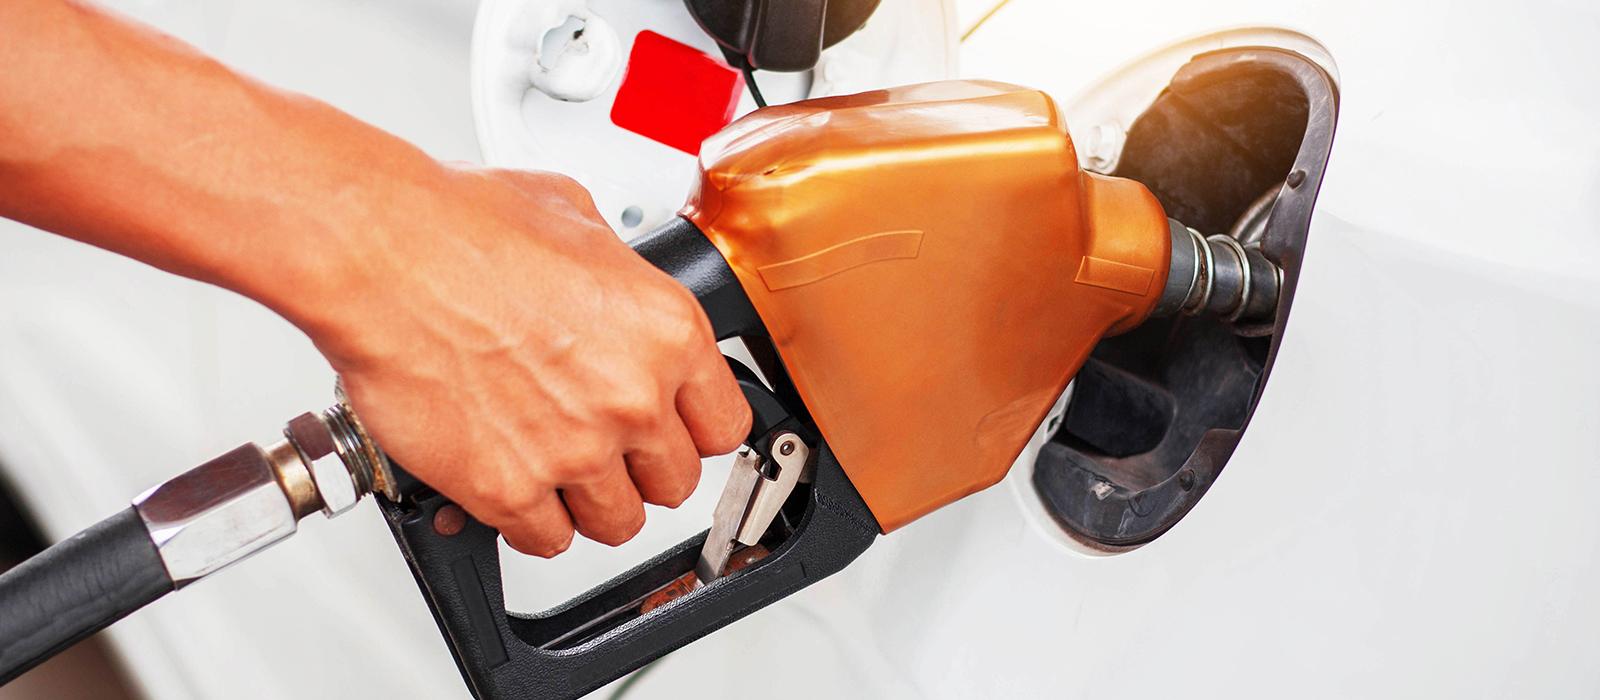 consigli per risparmiare il carburante